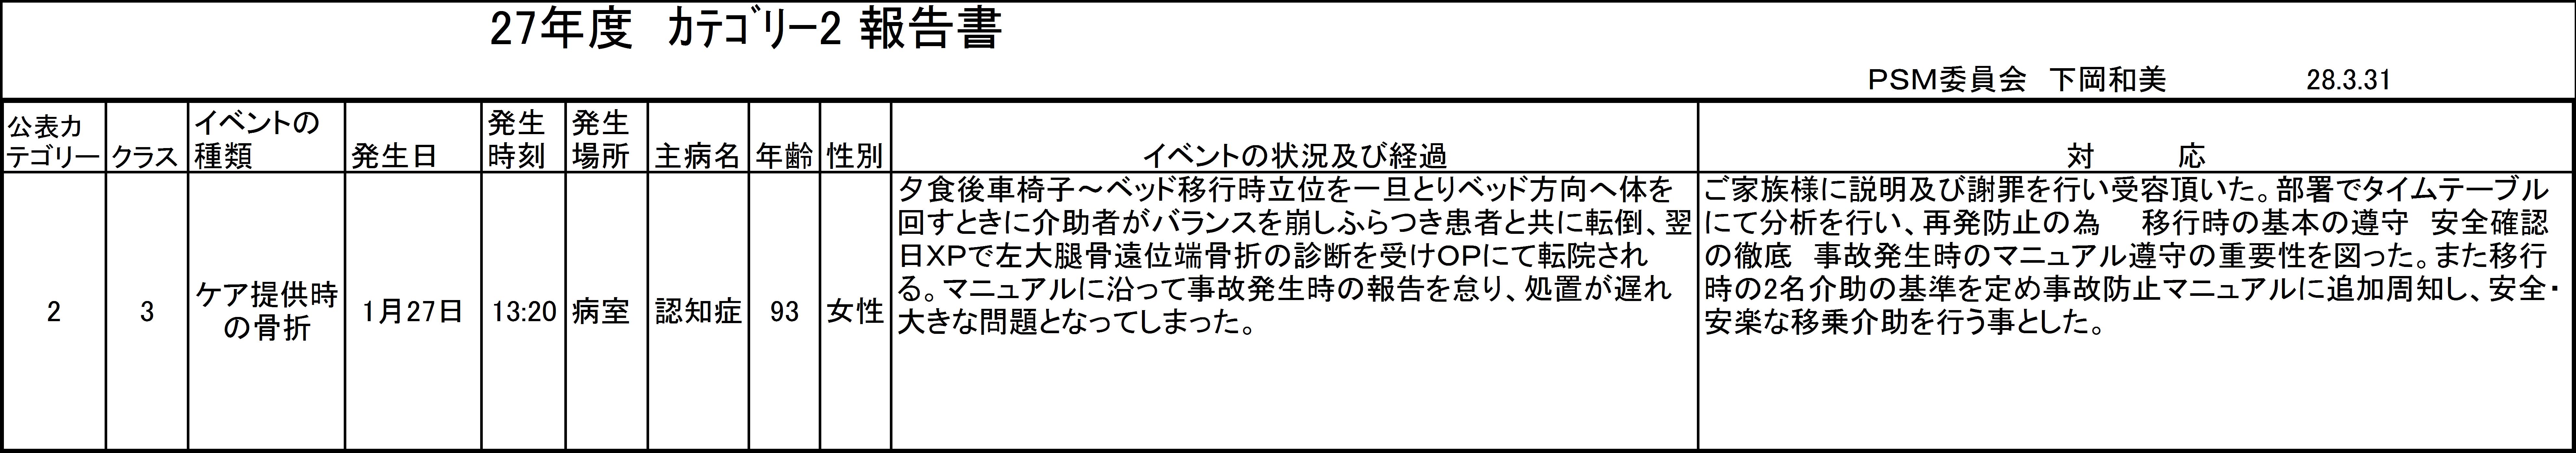 image004h27